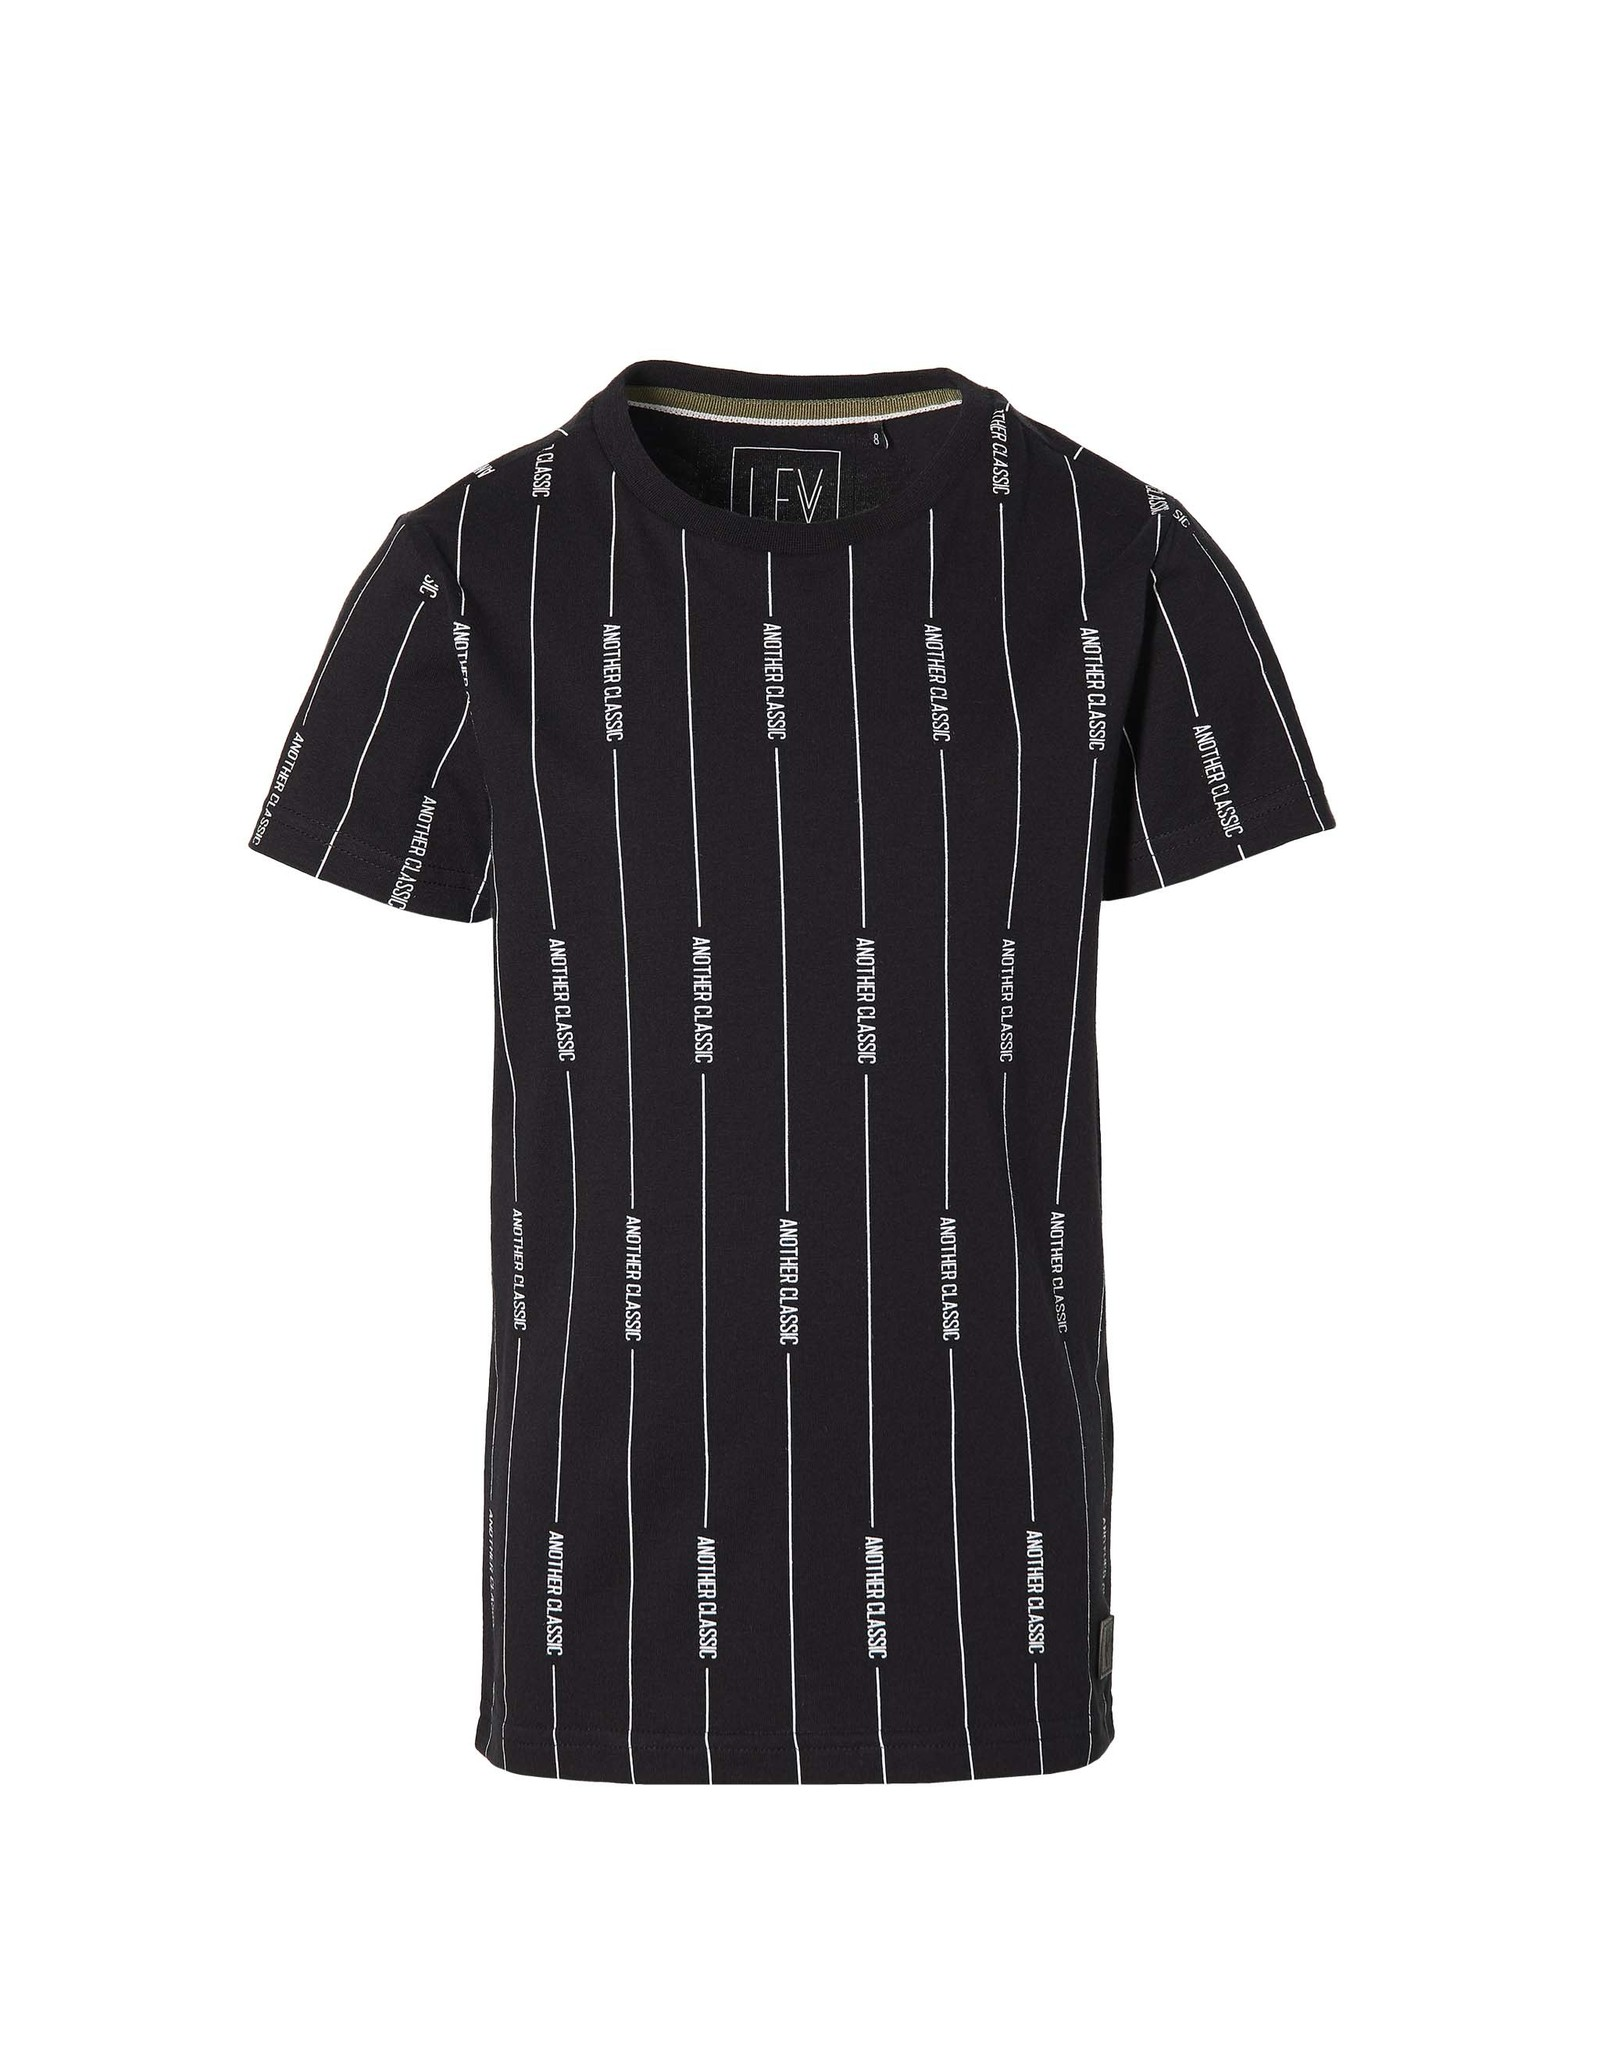 LEVV Levv jongens t-shirt Malin Black Text Stripe